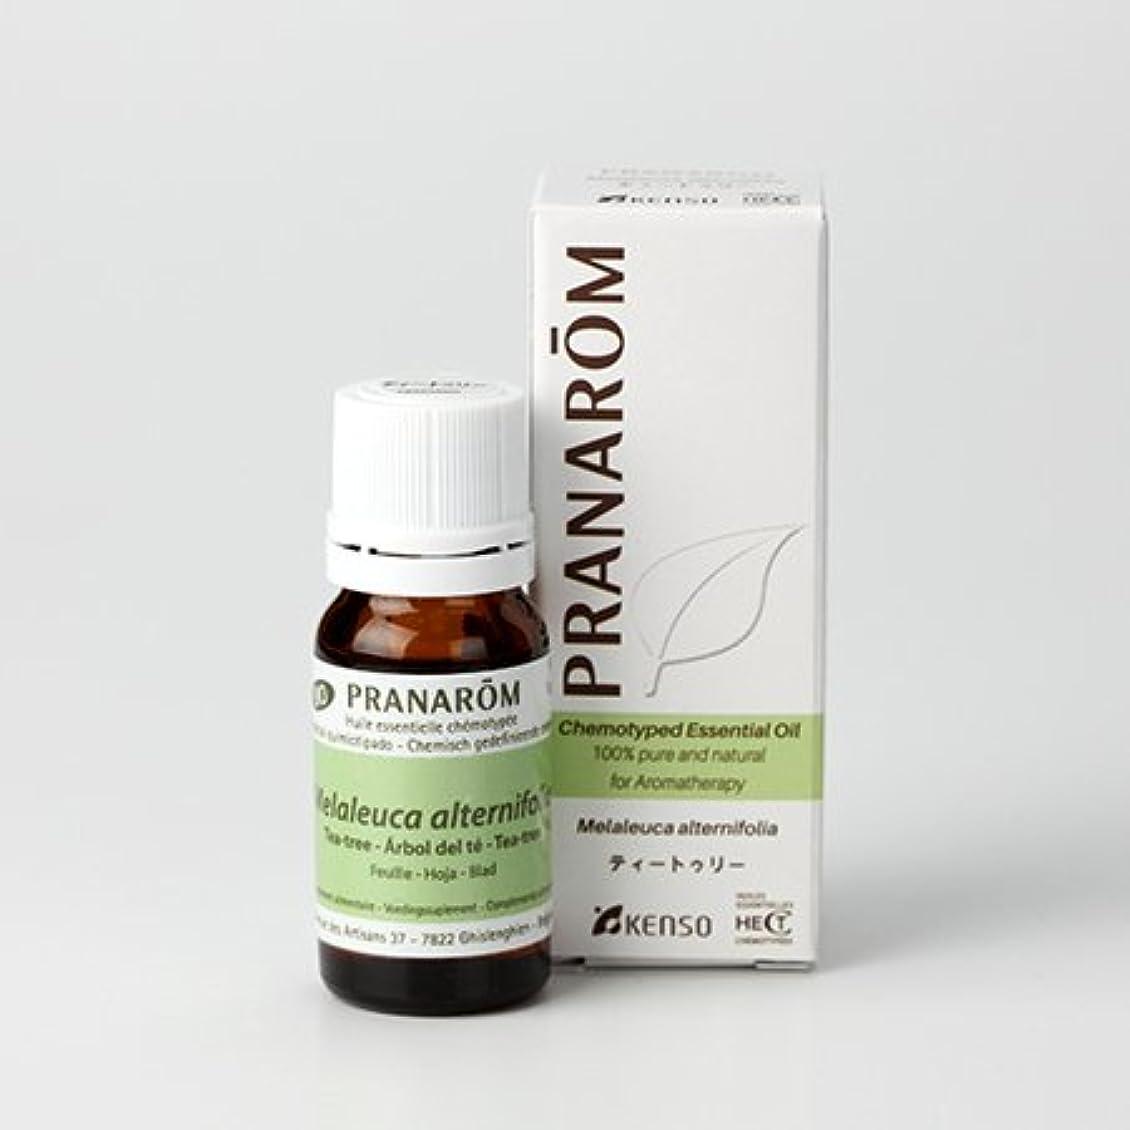 プラナロム精油(P-109 ティートゥリー?10ml)